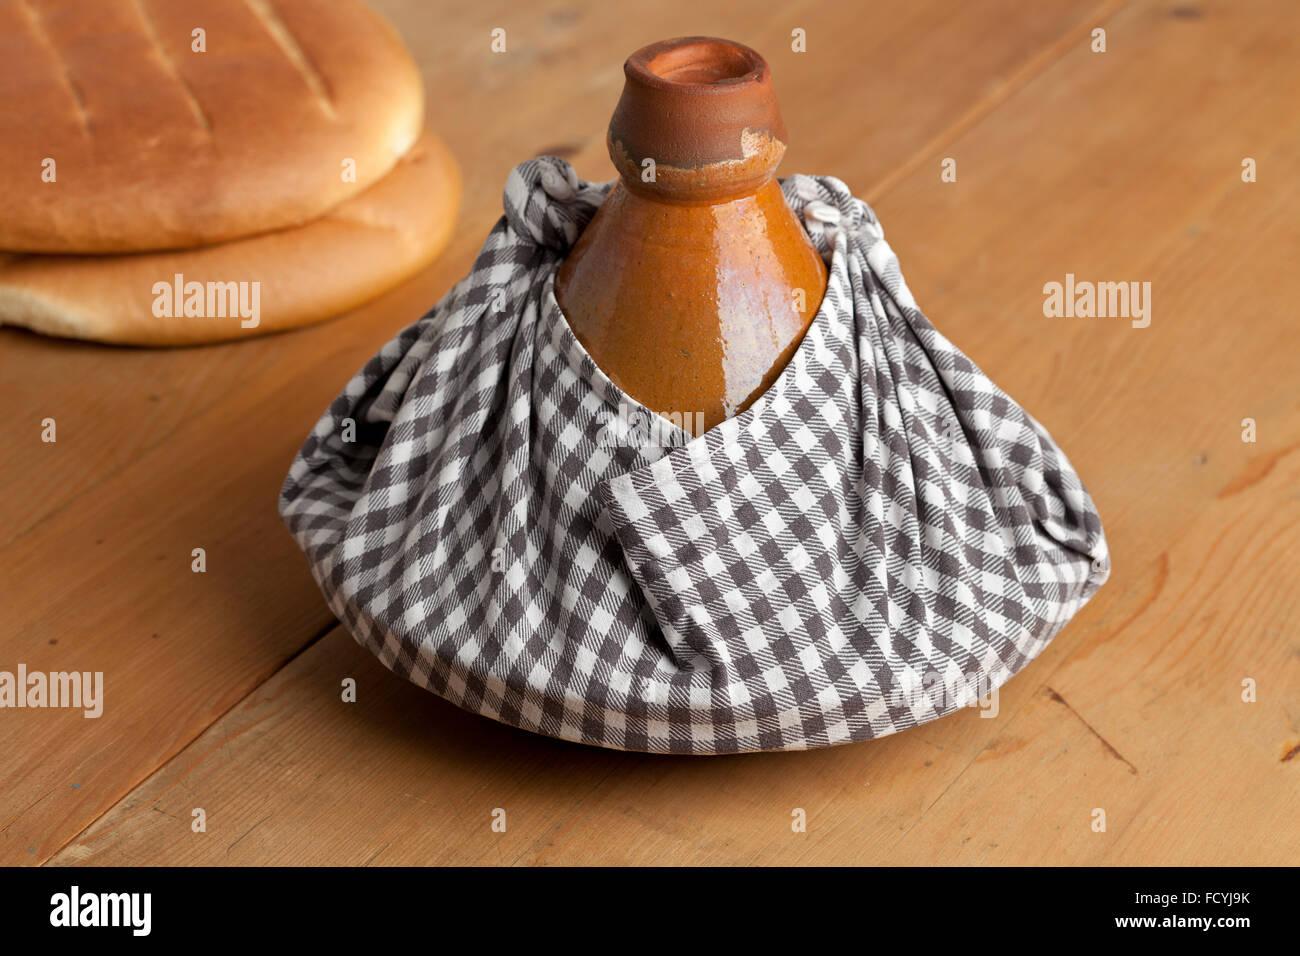 Tajine marocain traditionnel enveloppée dans un drap comme un don et pour garder au chaud Photo Stock